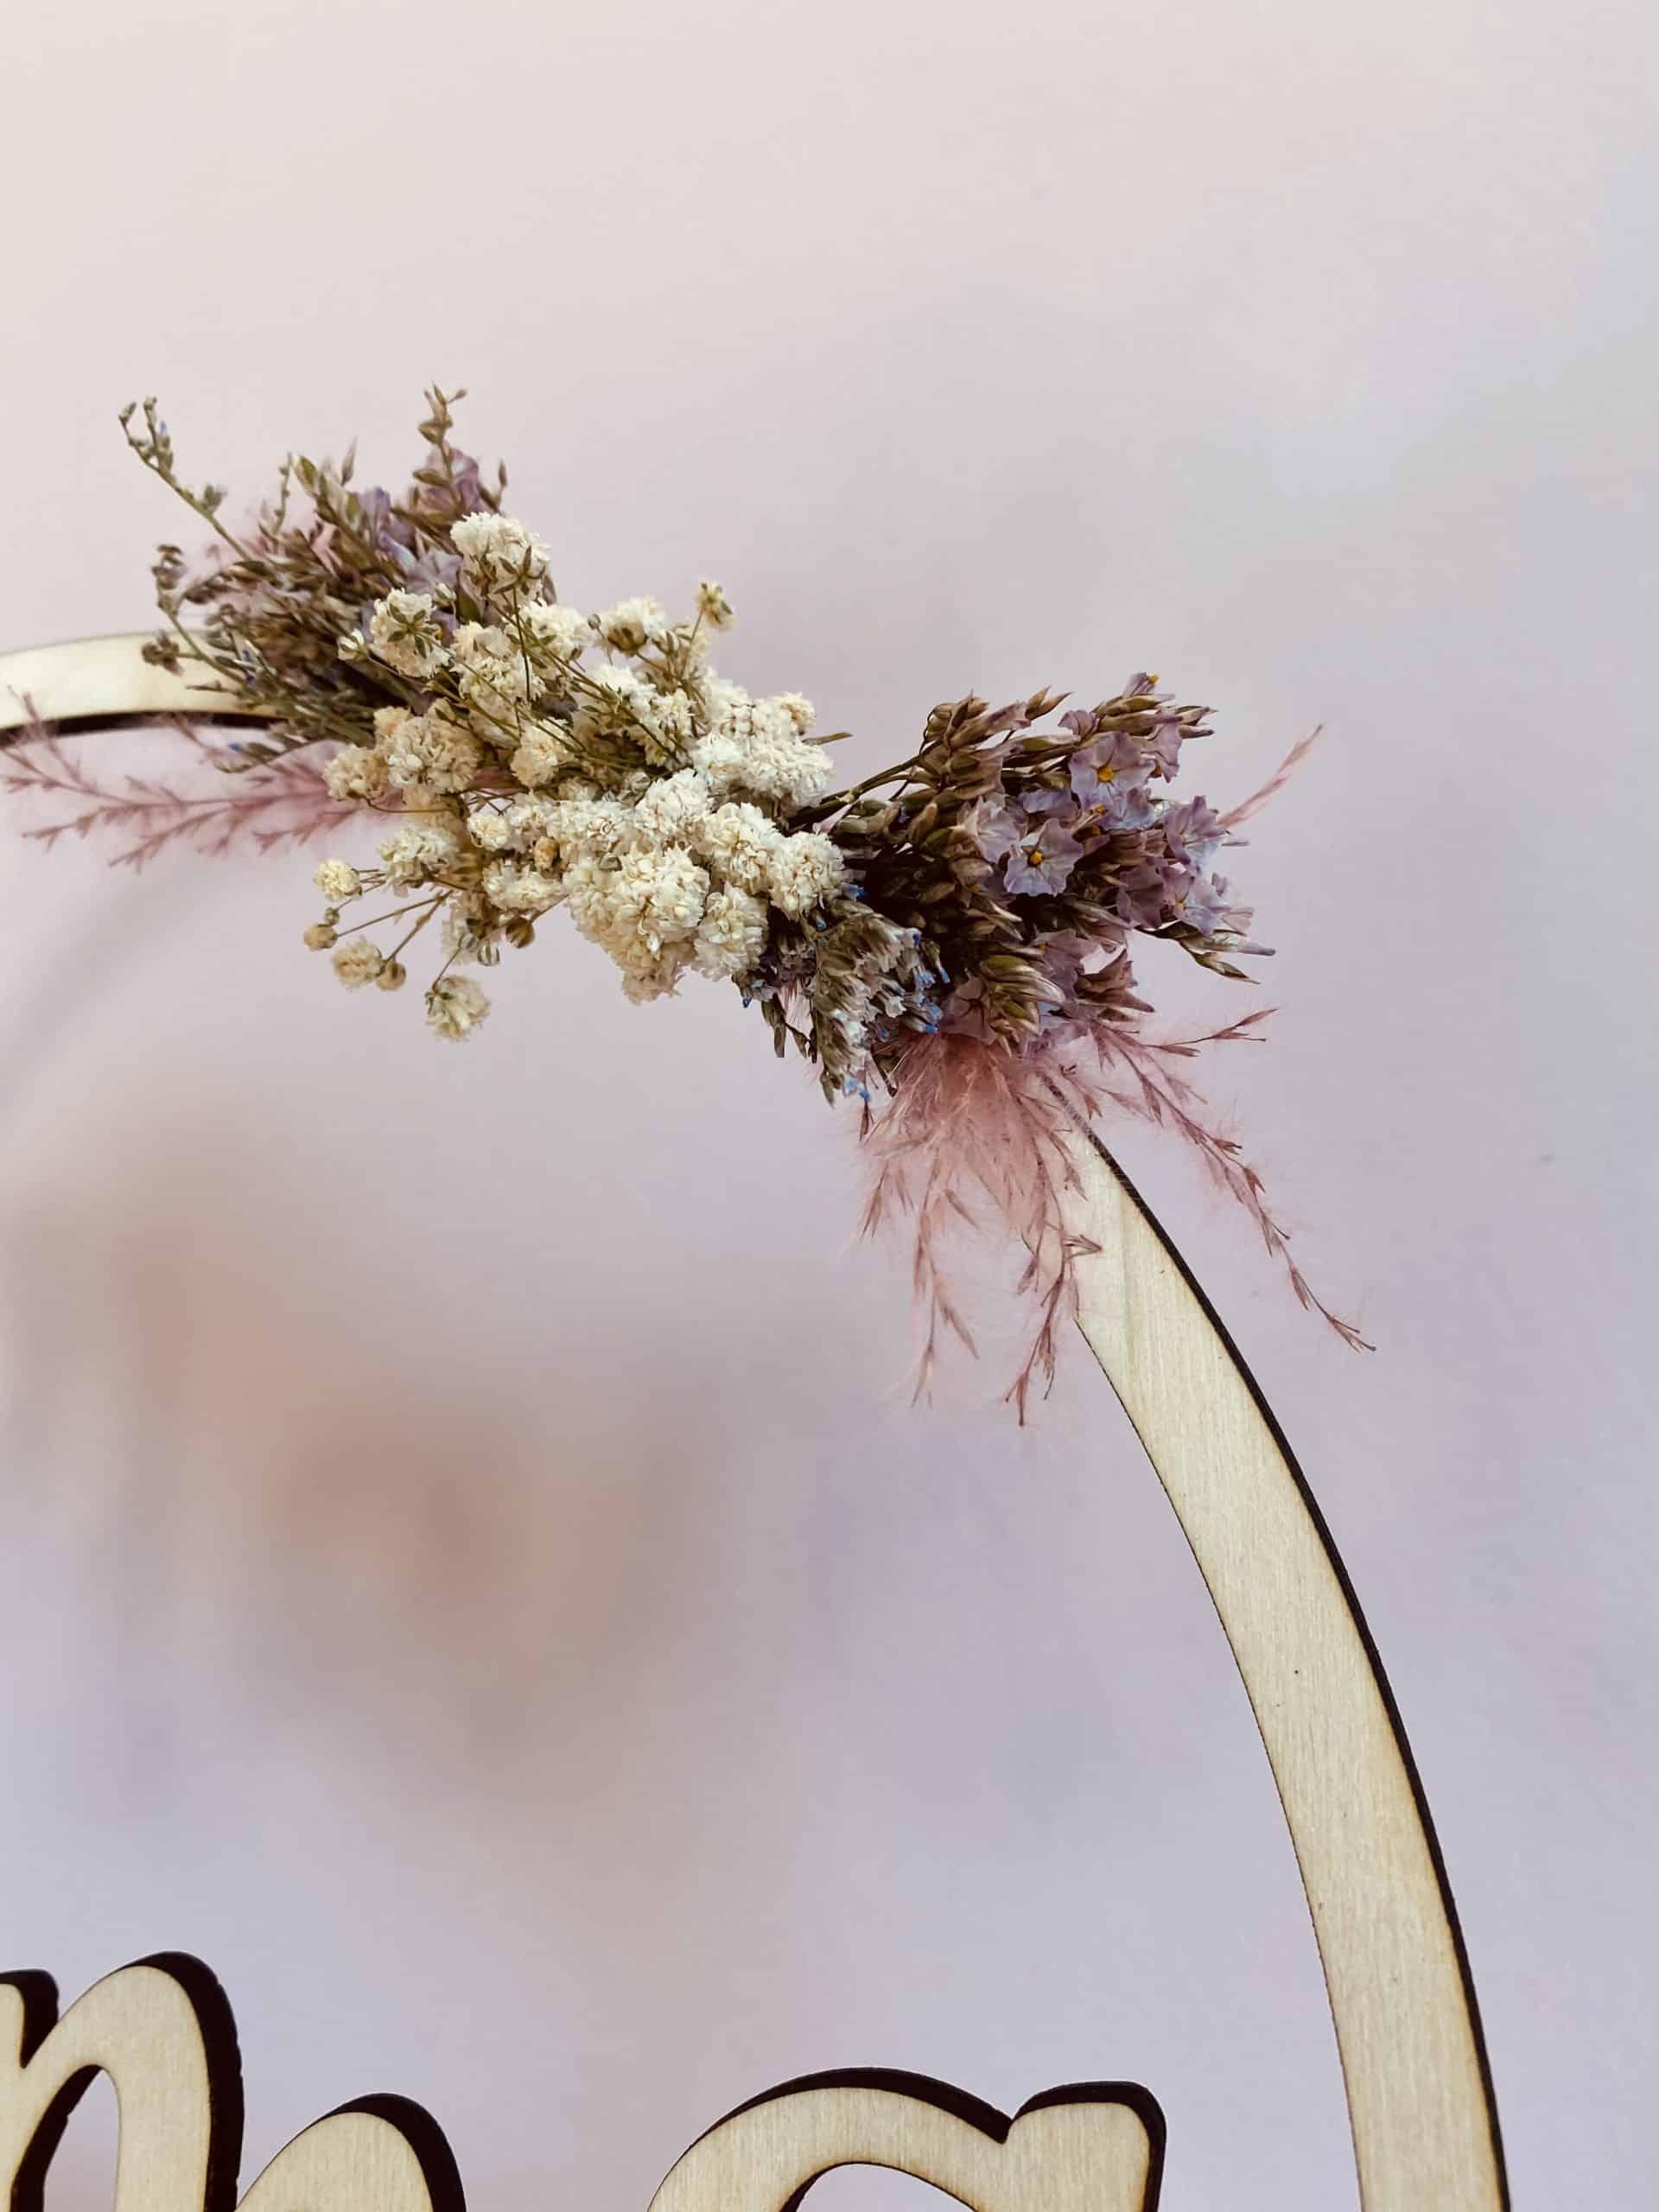 Naamcirkel op voet met droogbloemen